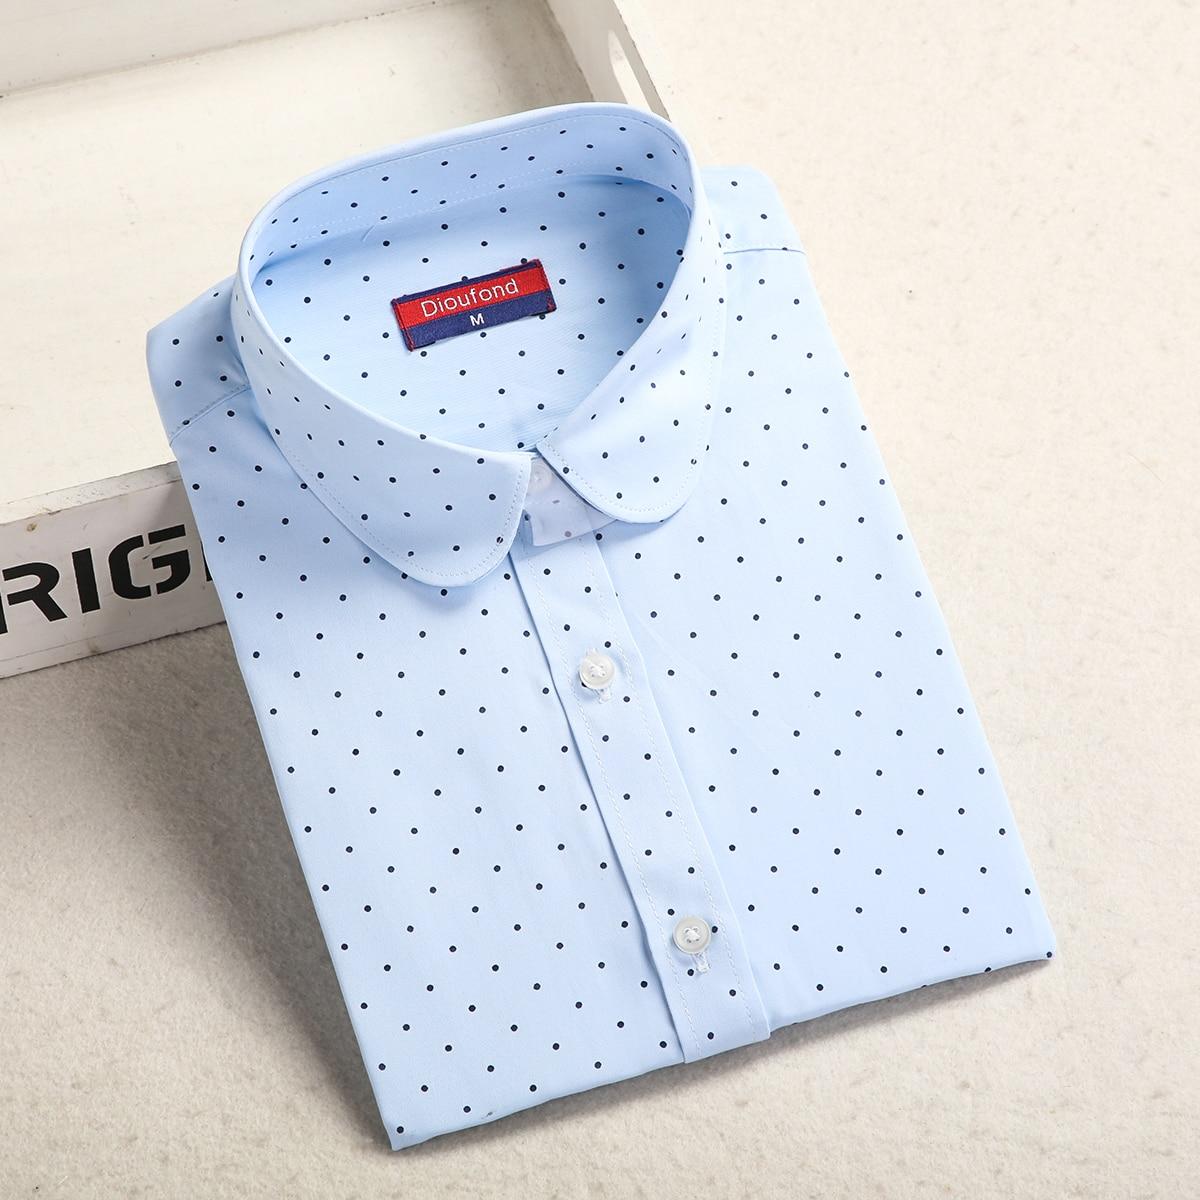 Dioufond, Хлопковая женская рубашка, блуза с длинным рукавом, красный горошек, Blusas Femininas, 5XL размера плюс, отложной воротник, женские модные топы - Цвет: Bluedot